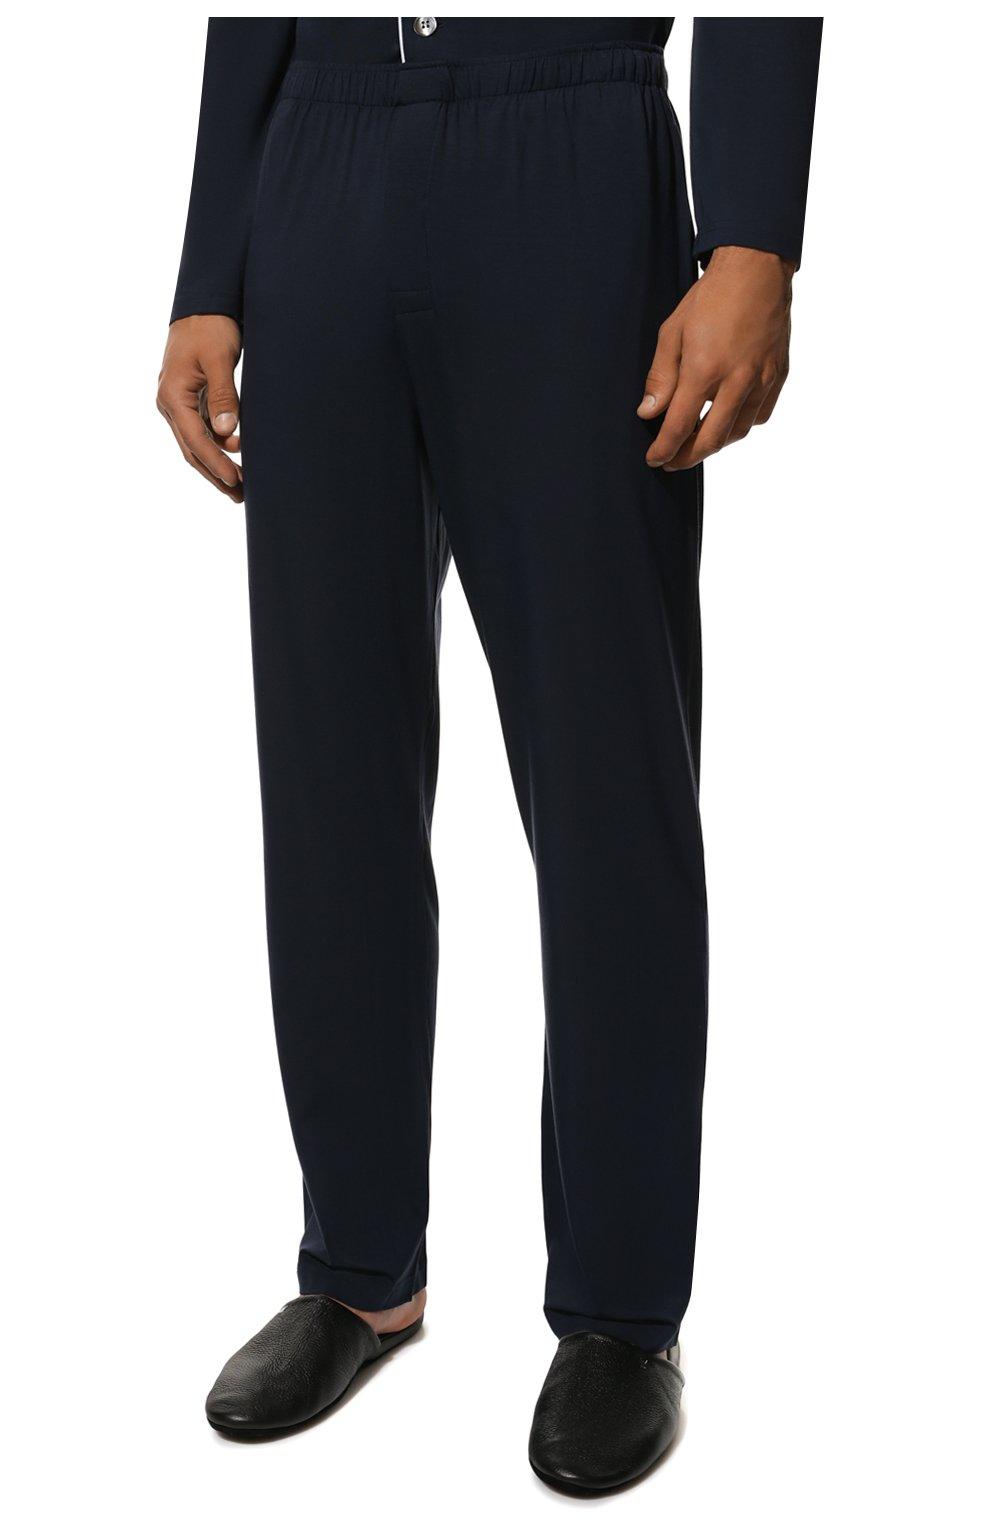 Мужская пижама DEREK ROSE темно-синего цвета, арт. 4070-BASE001   Фото 5 (Рукава: Длинные; Кросс-КТ: домашняя одежда; Материал внешний: Синтетический материал; Длина (для топов): Стандартные)